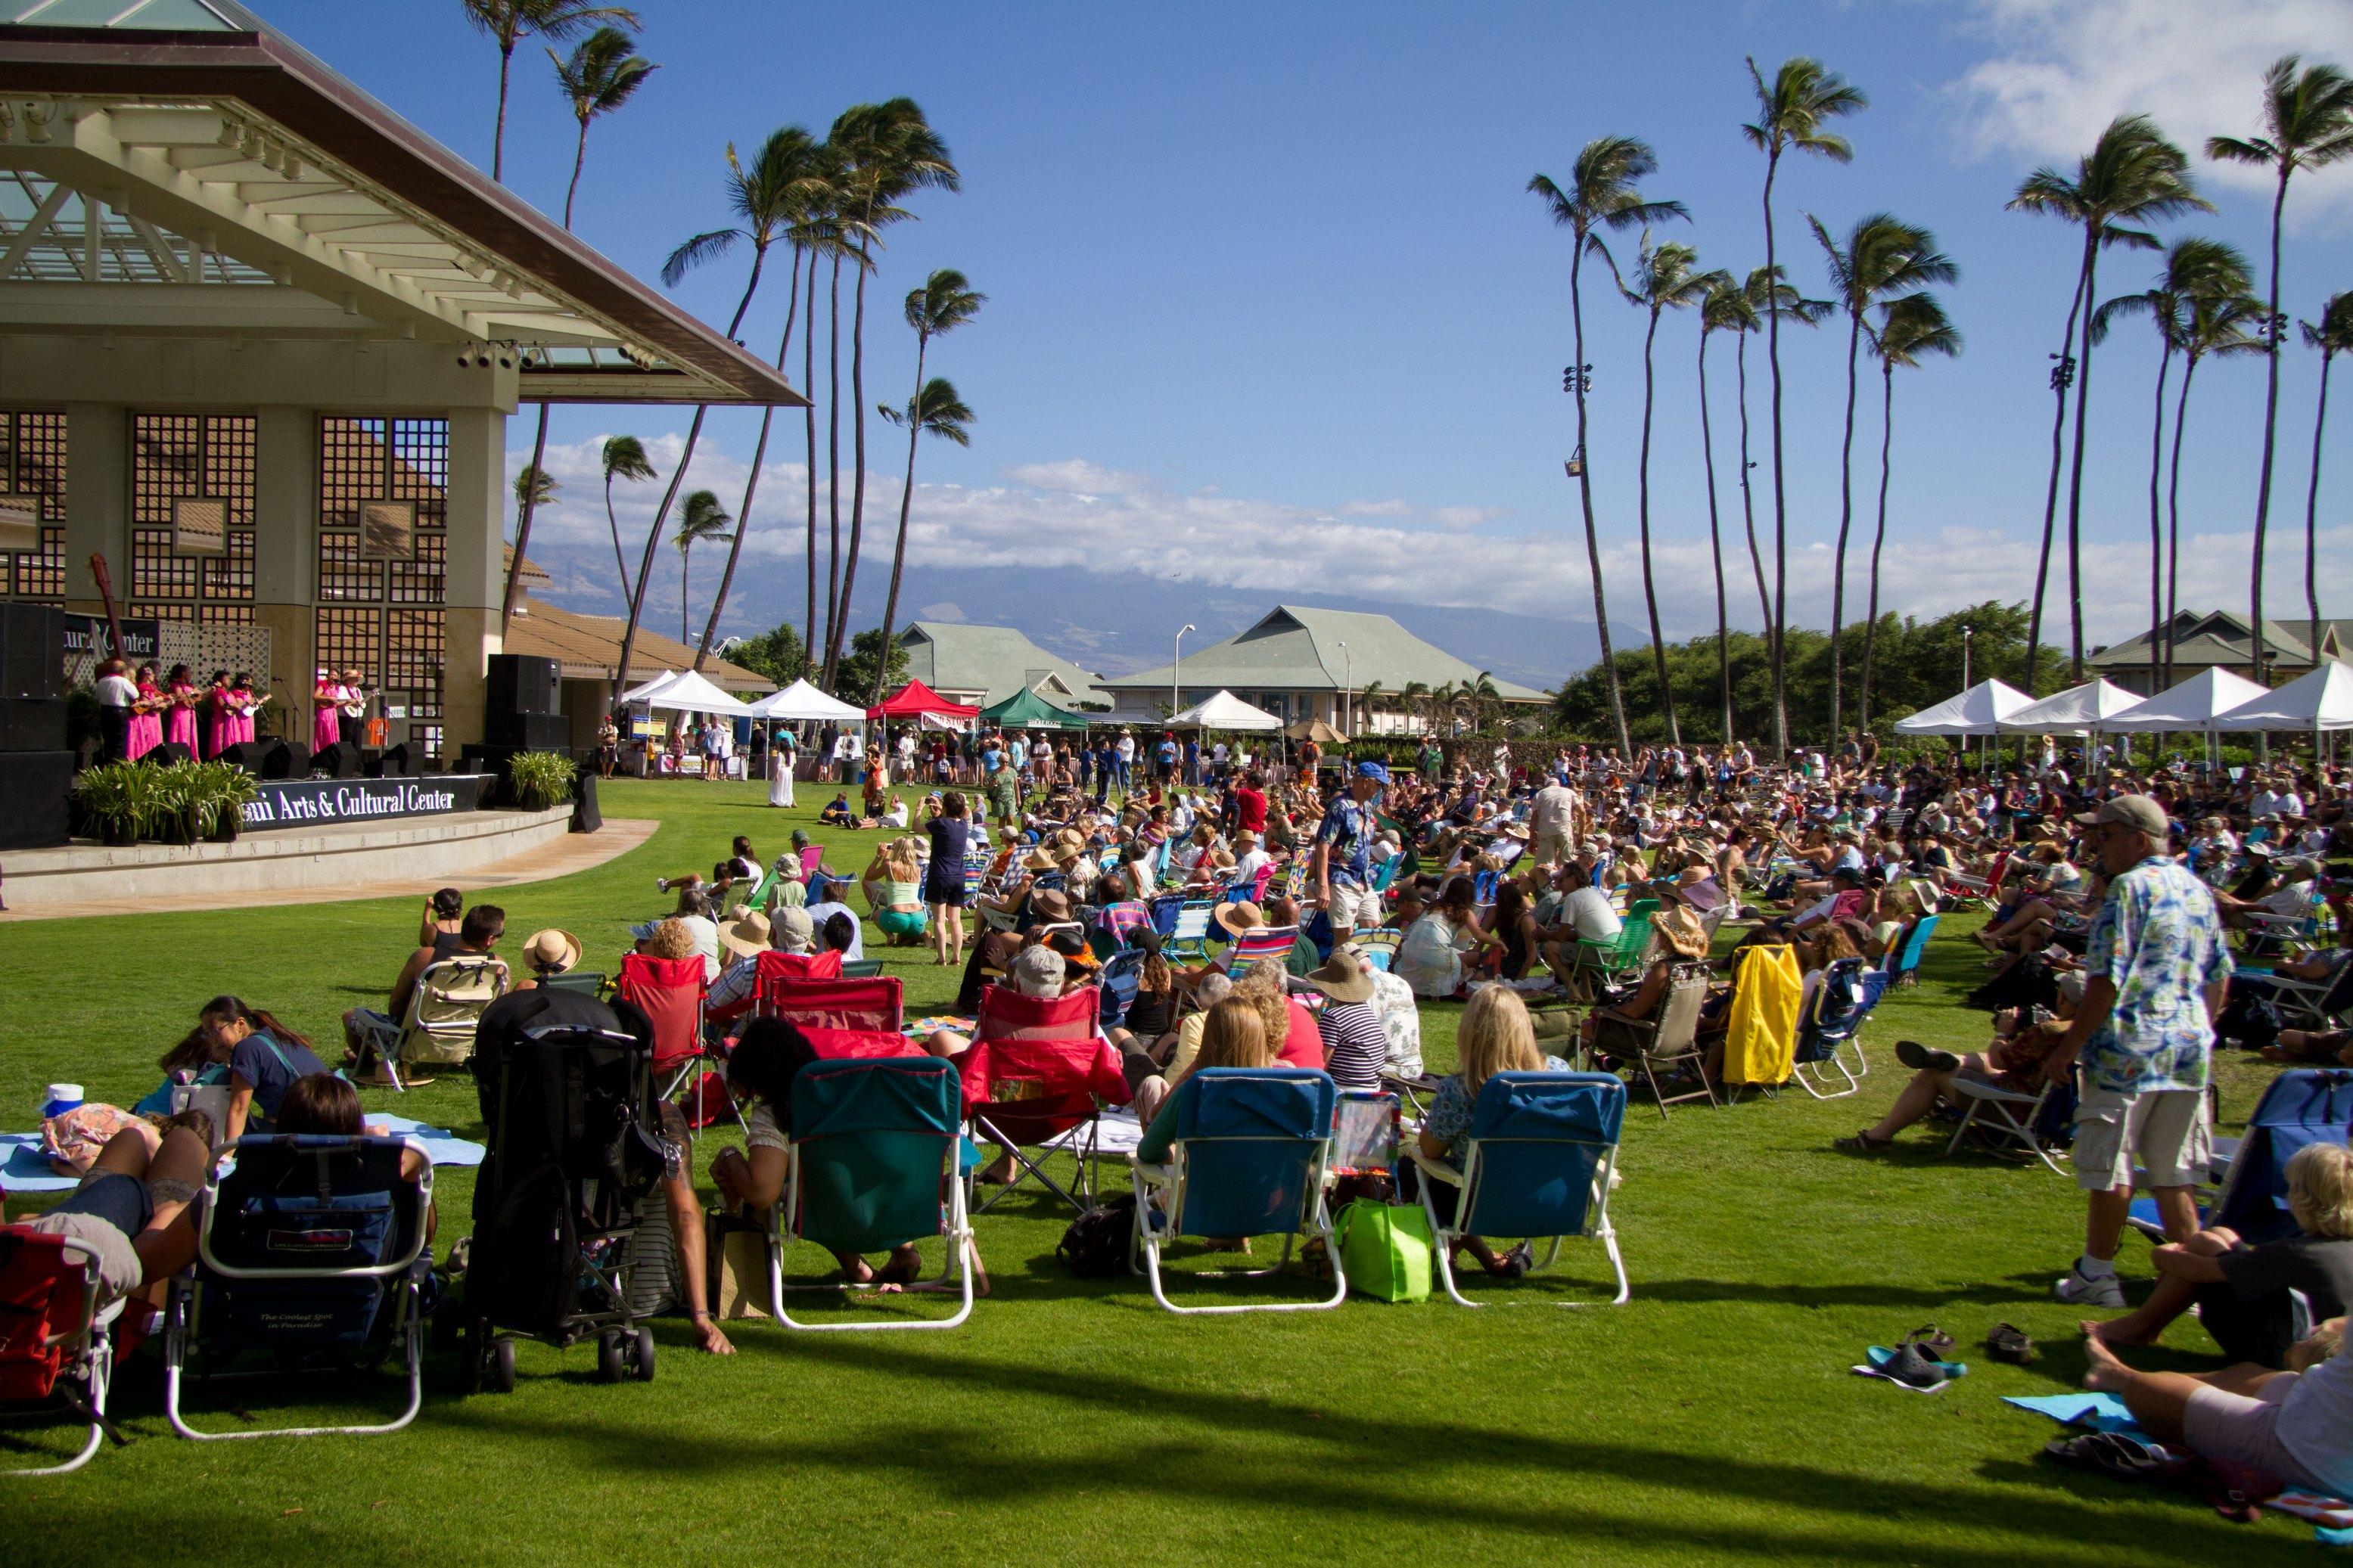 Maui 'Ukulele Festival. Photo credit: Aubrey Hord